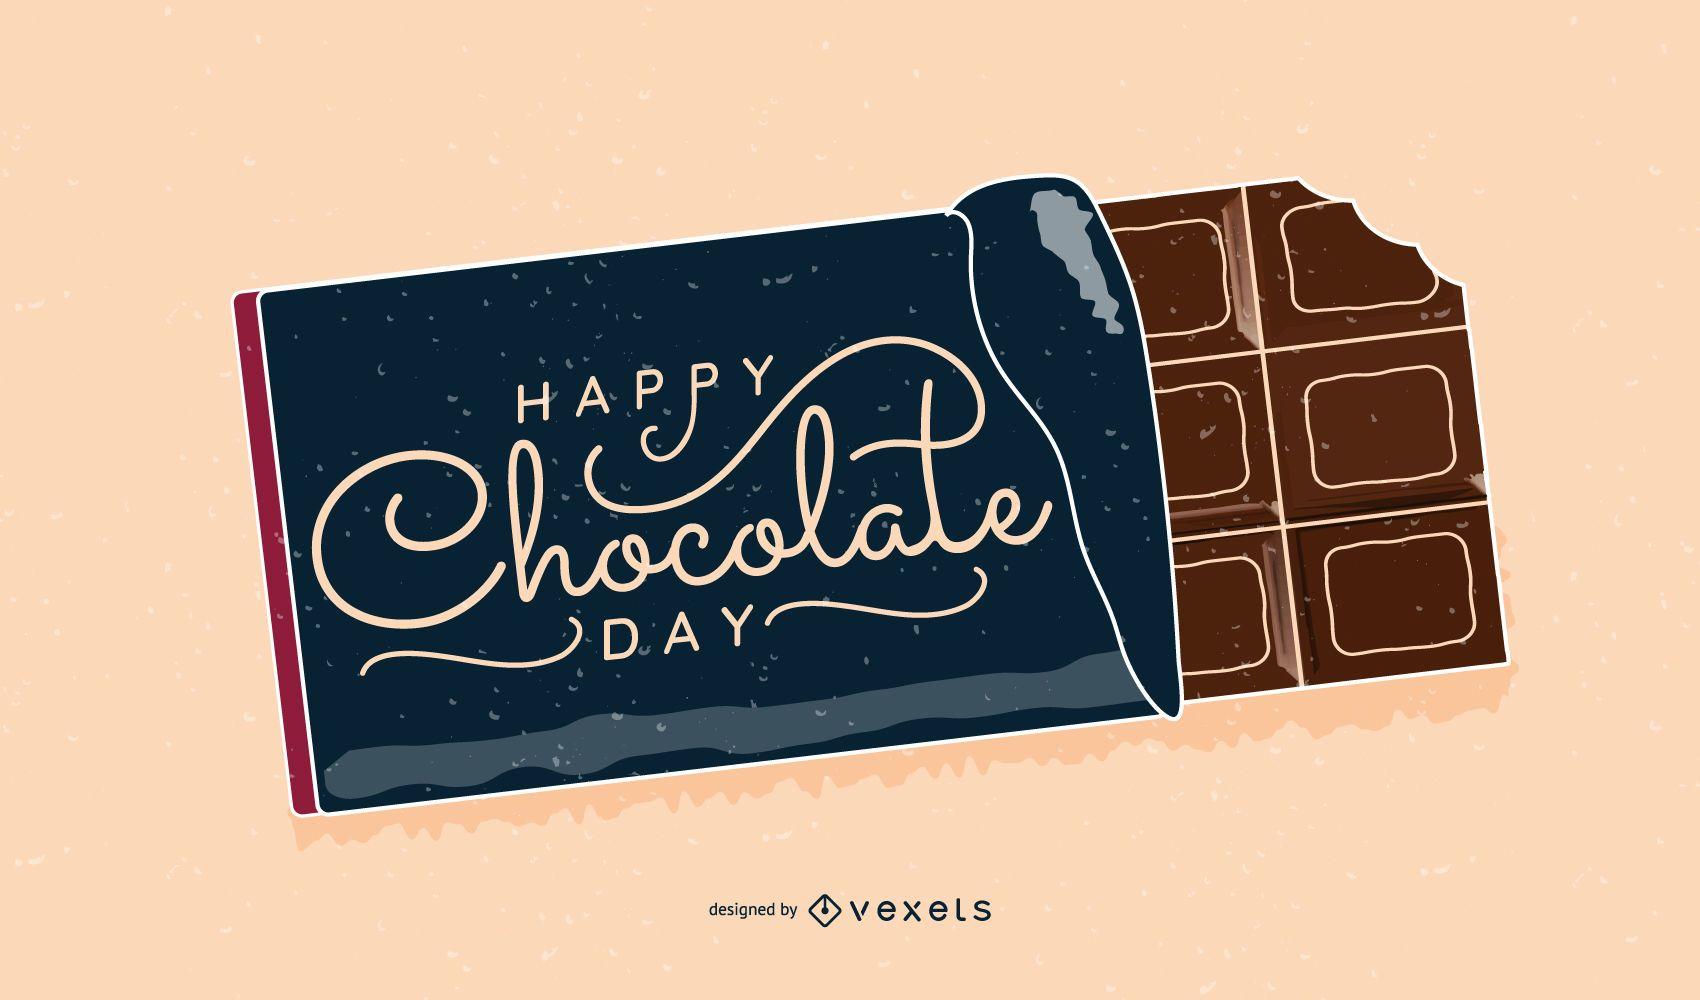 Dise?o de barra de chocolate Day